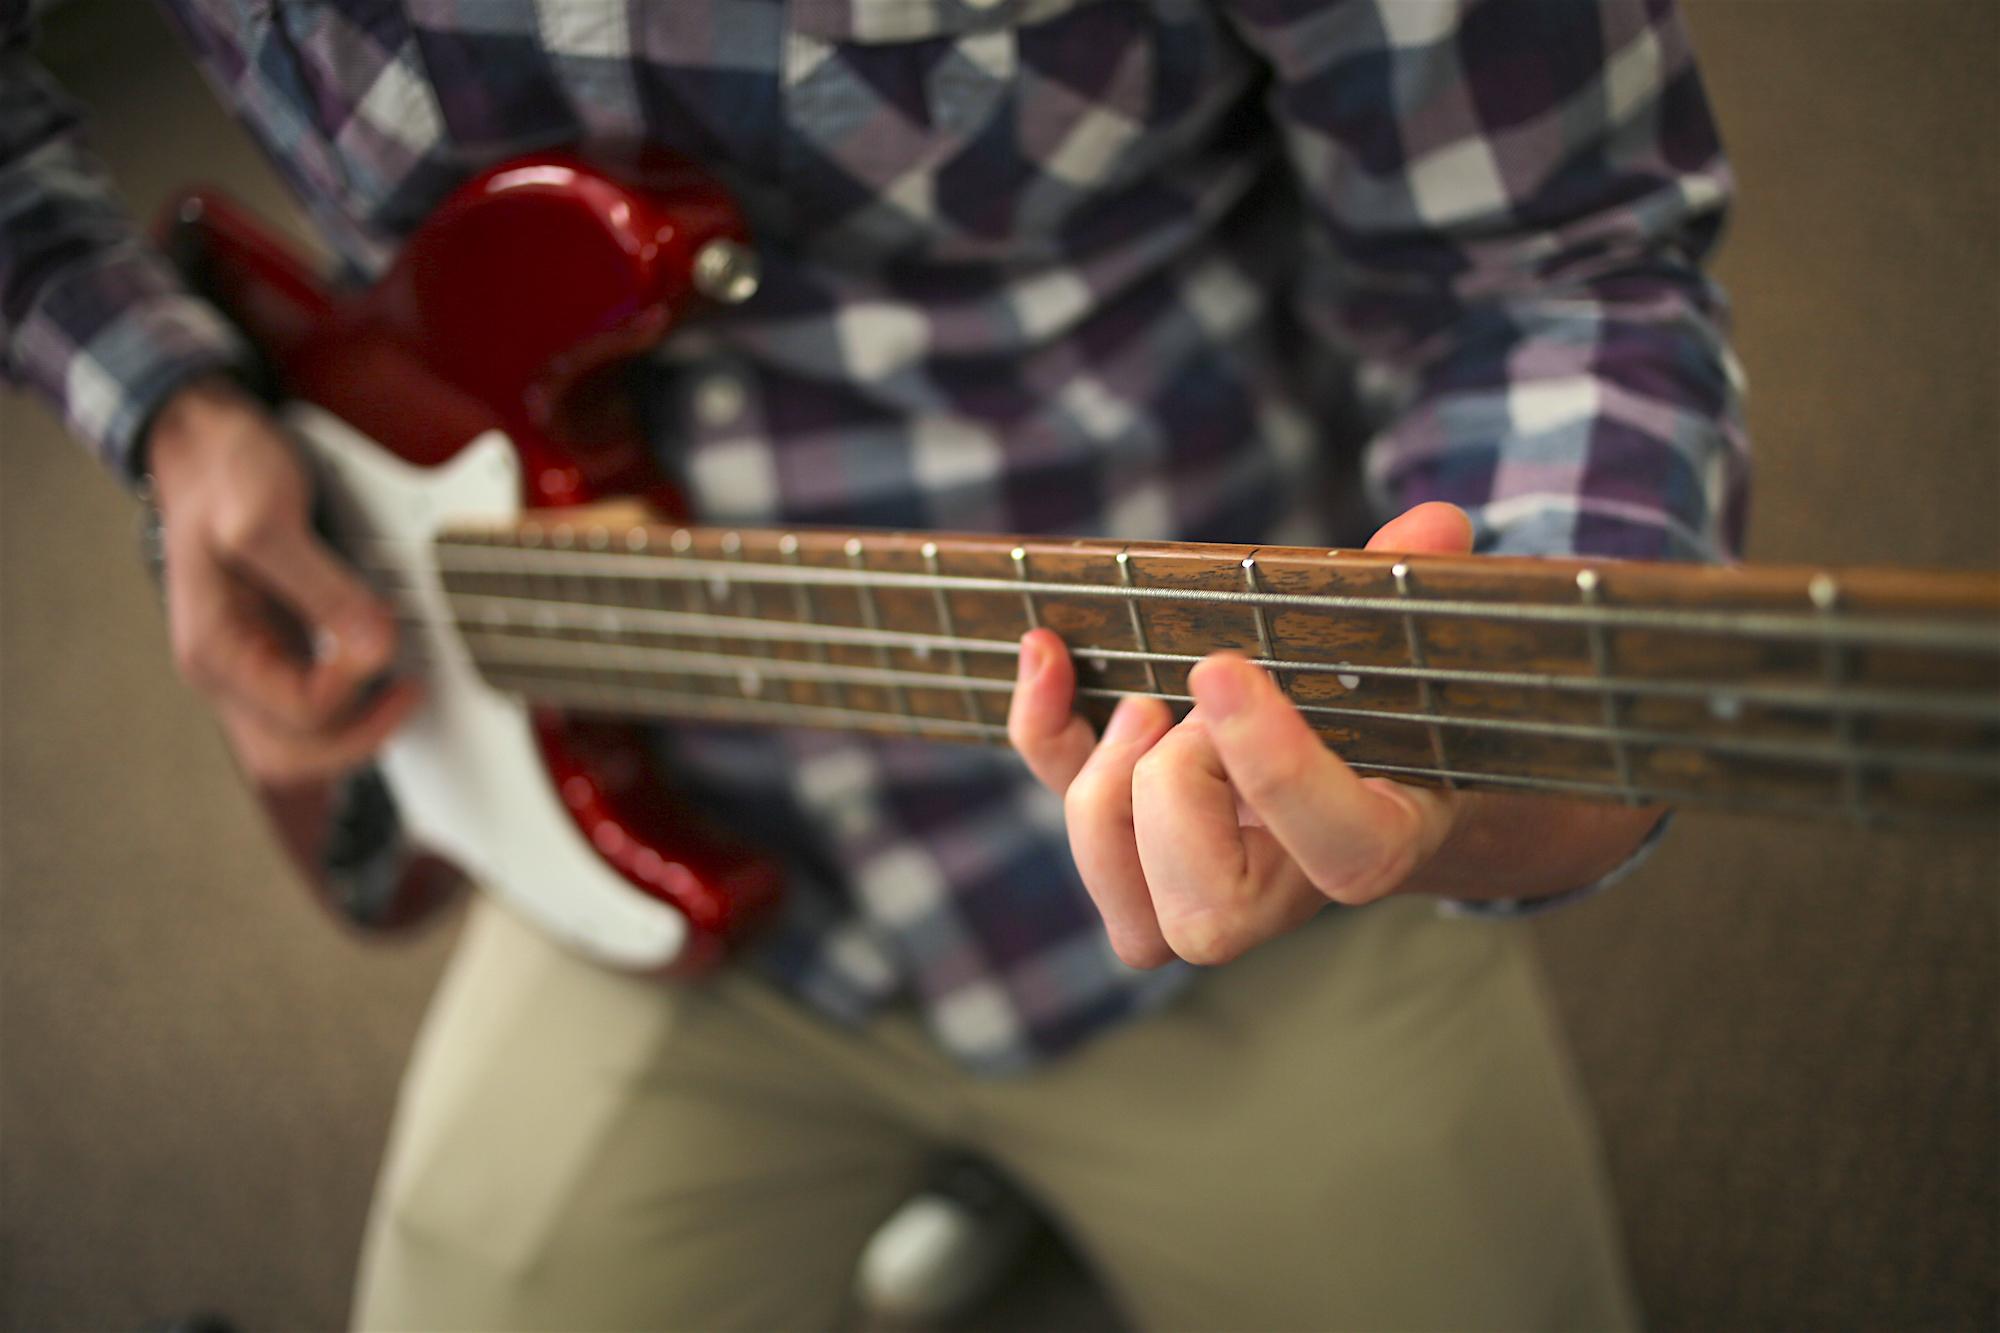 Ricmusic1